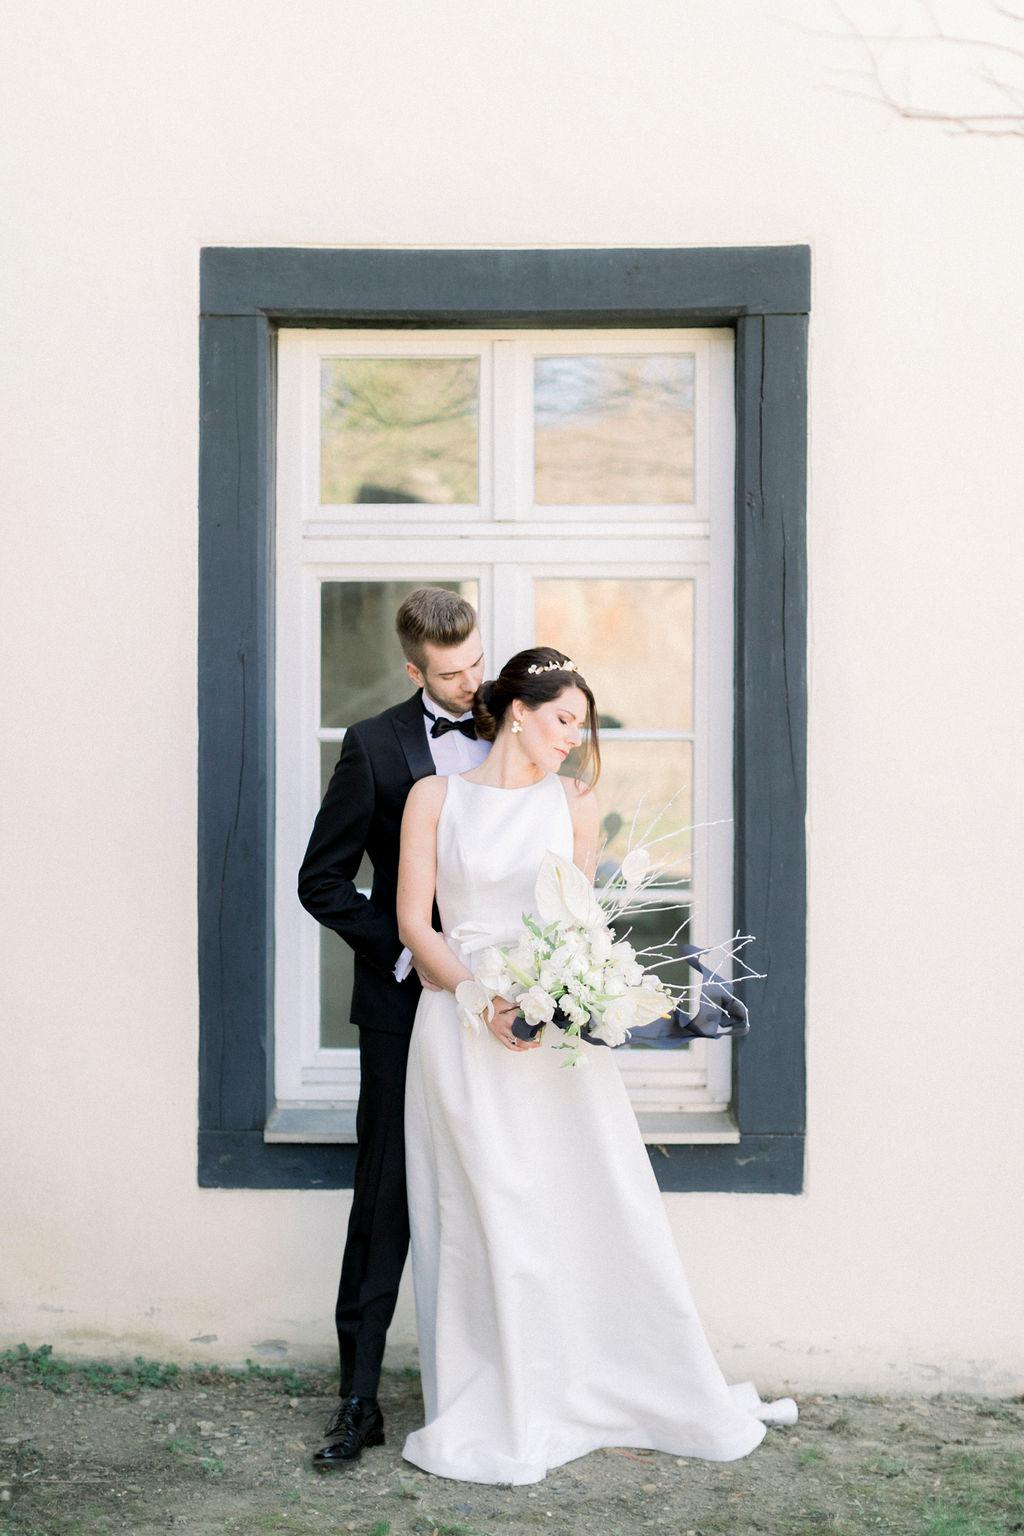 wedding couple, wedding in germany, monastery wedding, church wedding, getting married in germany